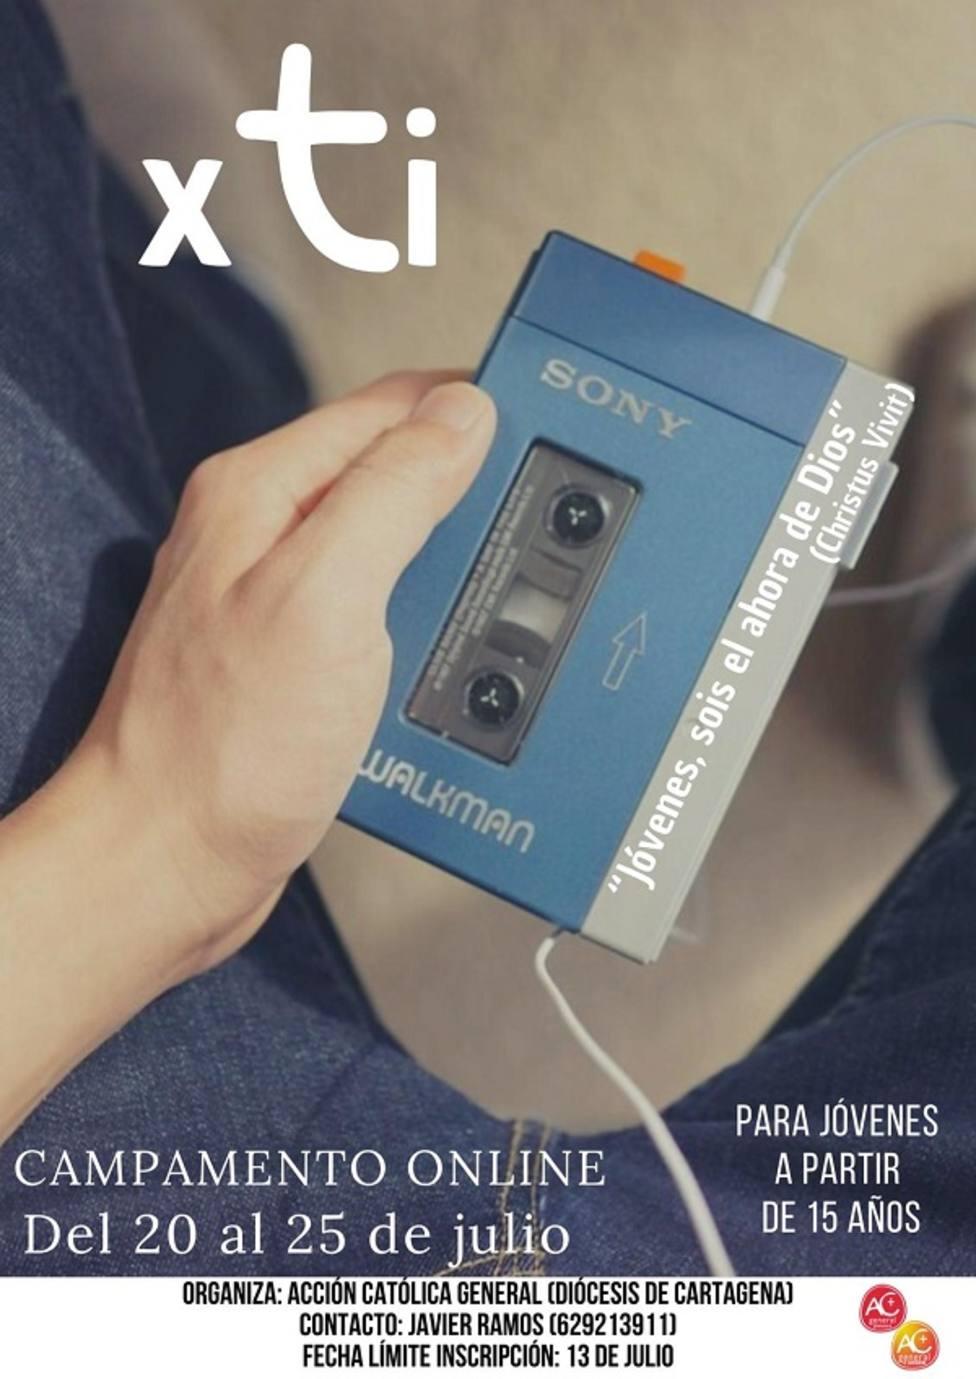 Acción Católica General ofrece un campamento online para jóvenes